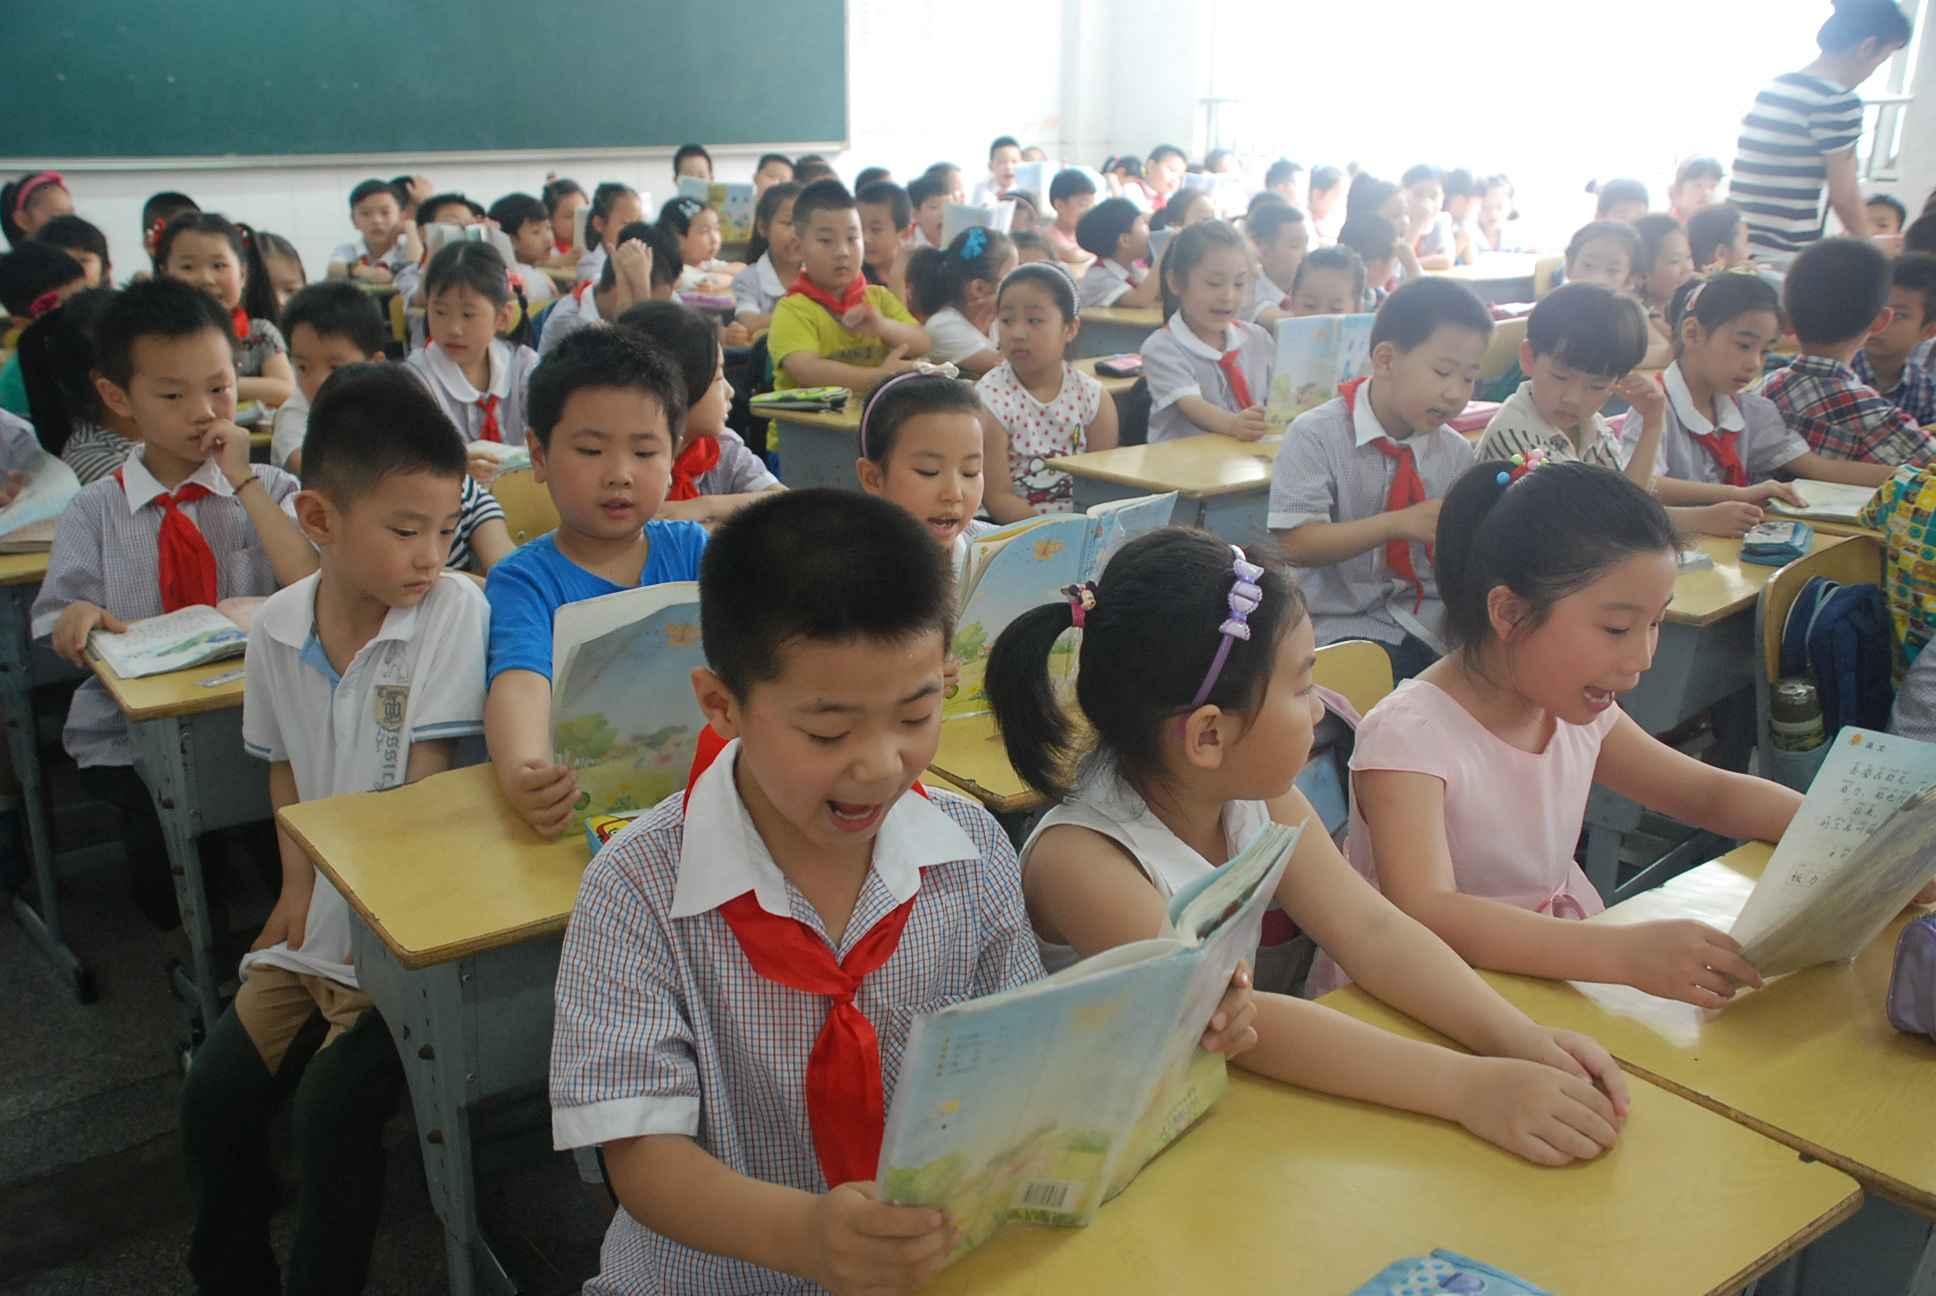 幼儿园组织大班幼儿参观小学